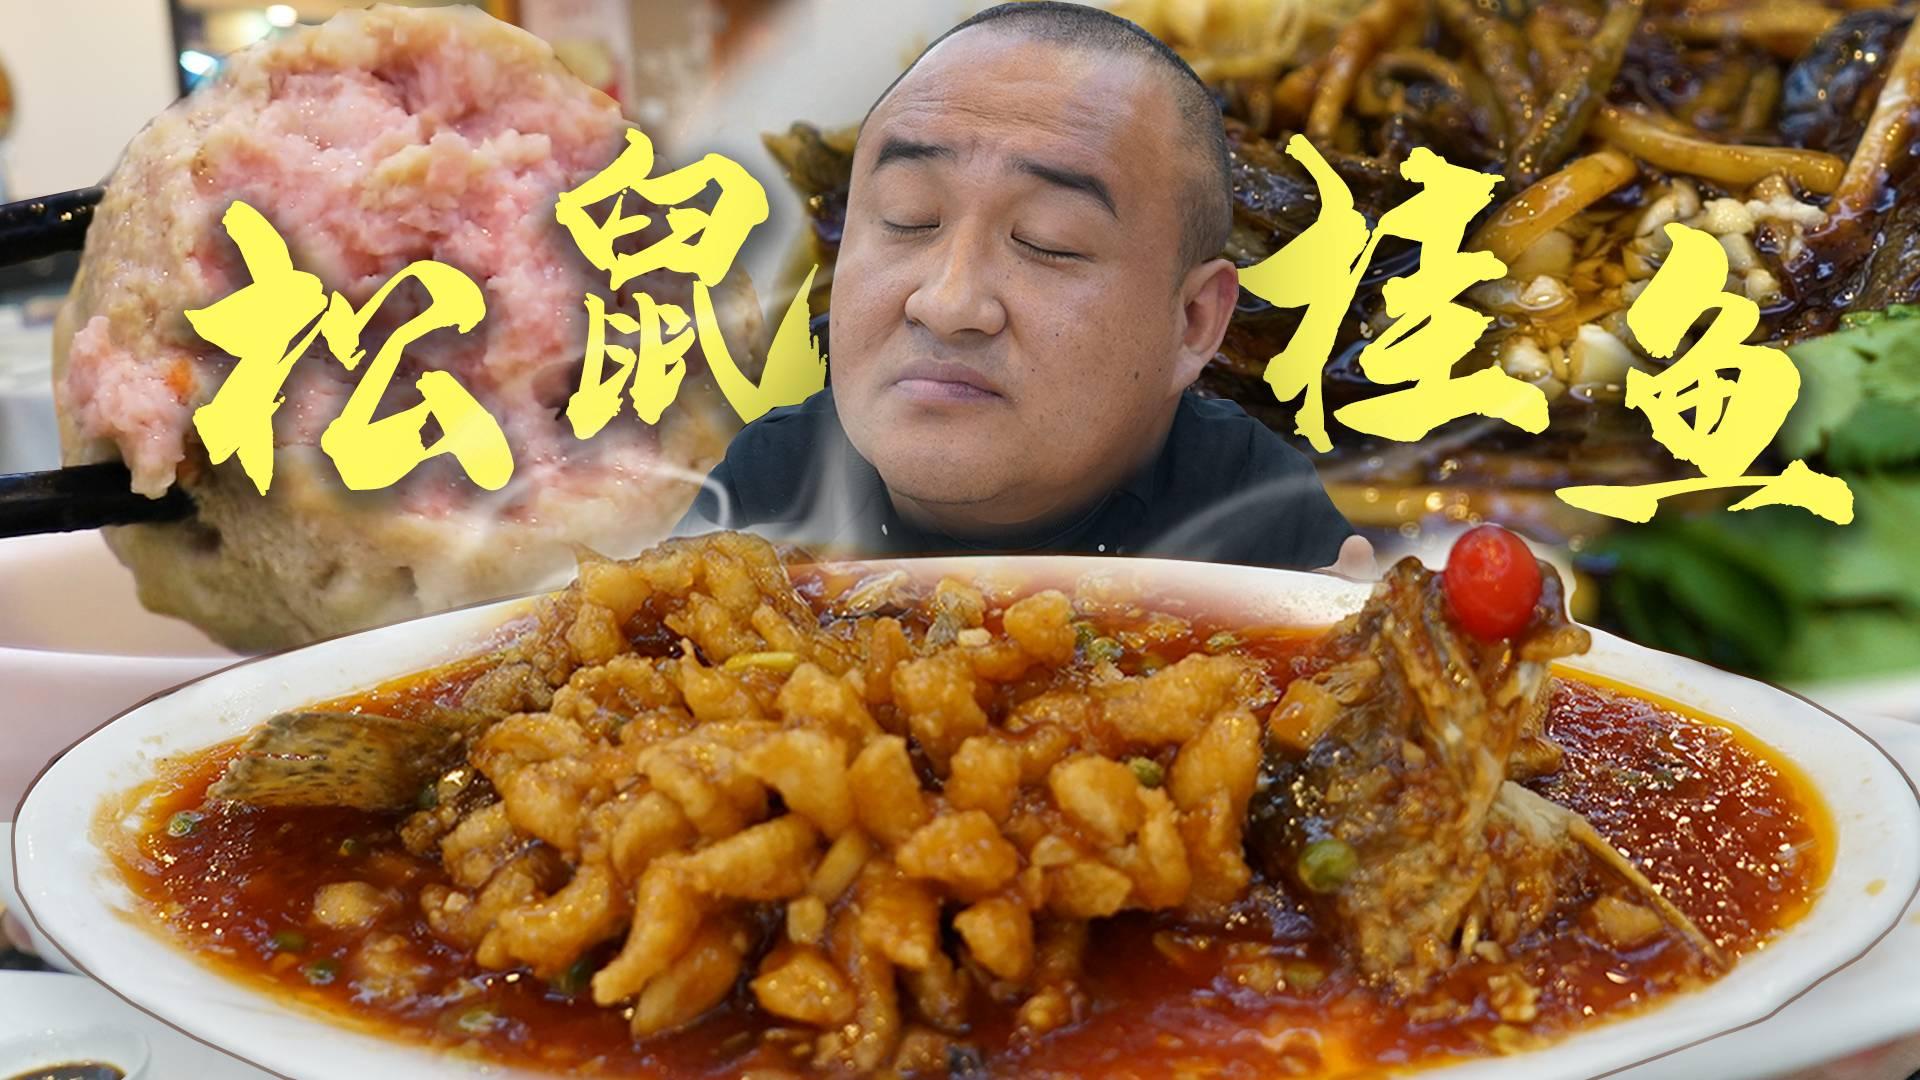 【吃货请闭眼】北京八大春之一的大饭庄,镇店名菜松鼠桂鱼色泽金黄味道绝,一条就要280元?